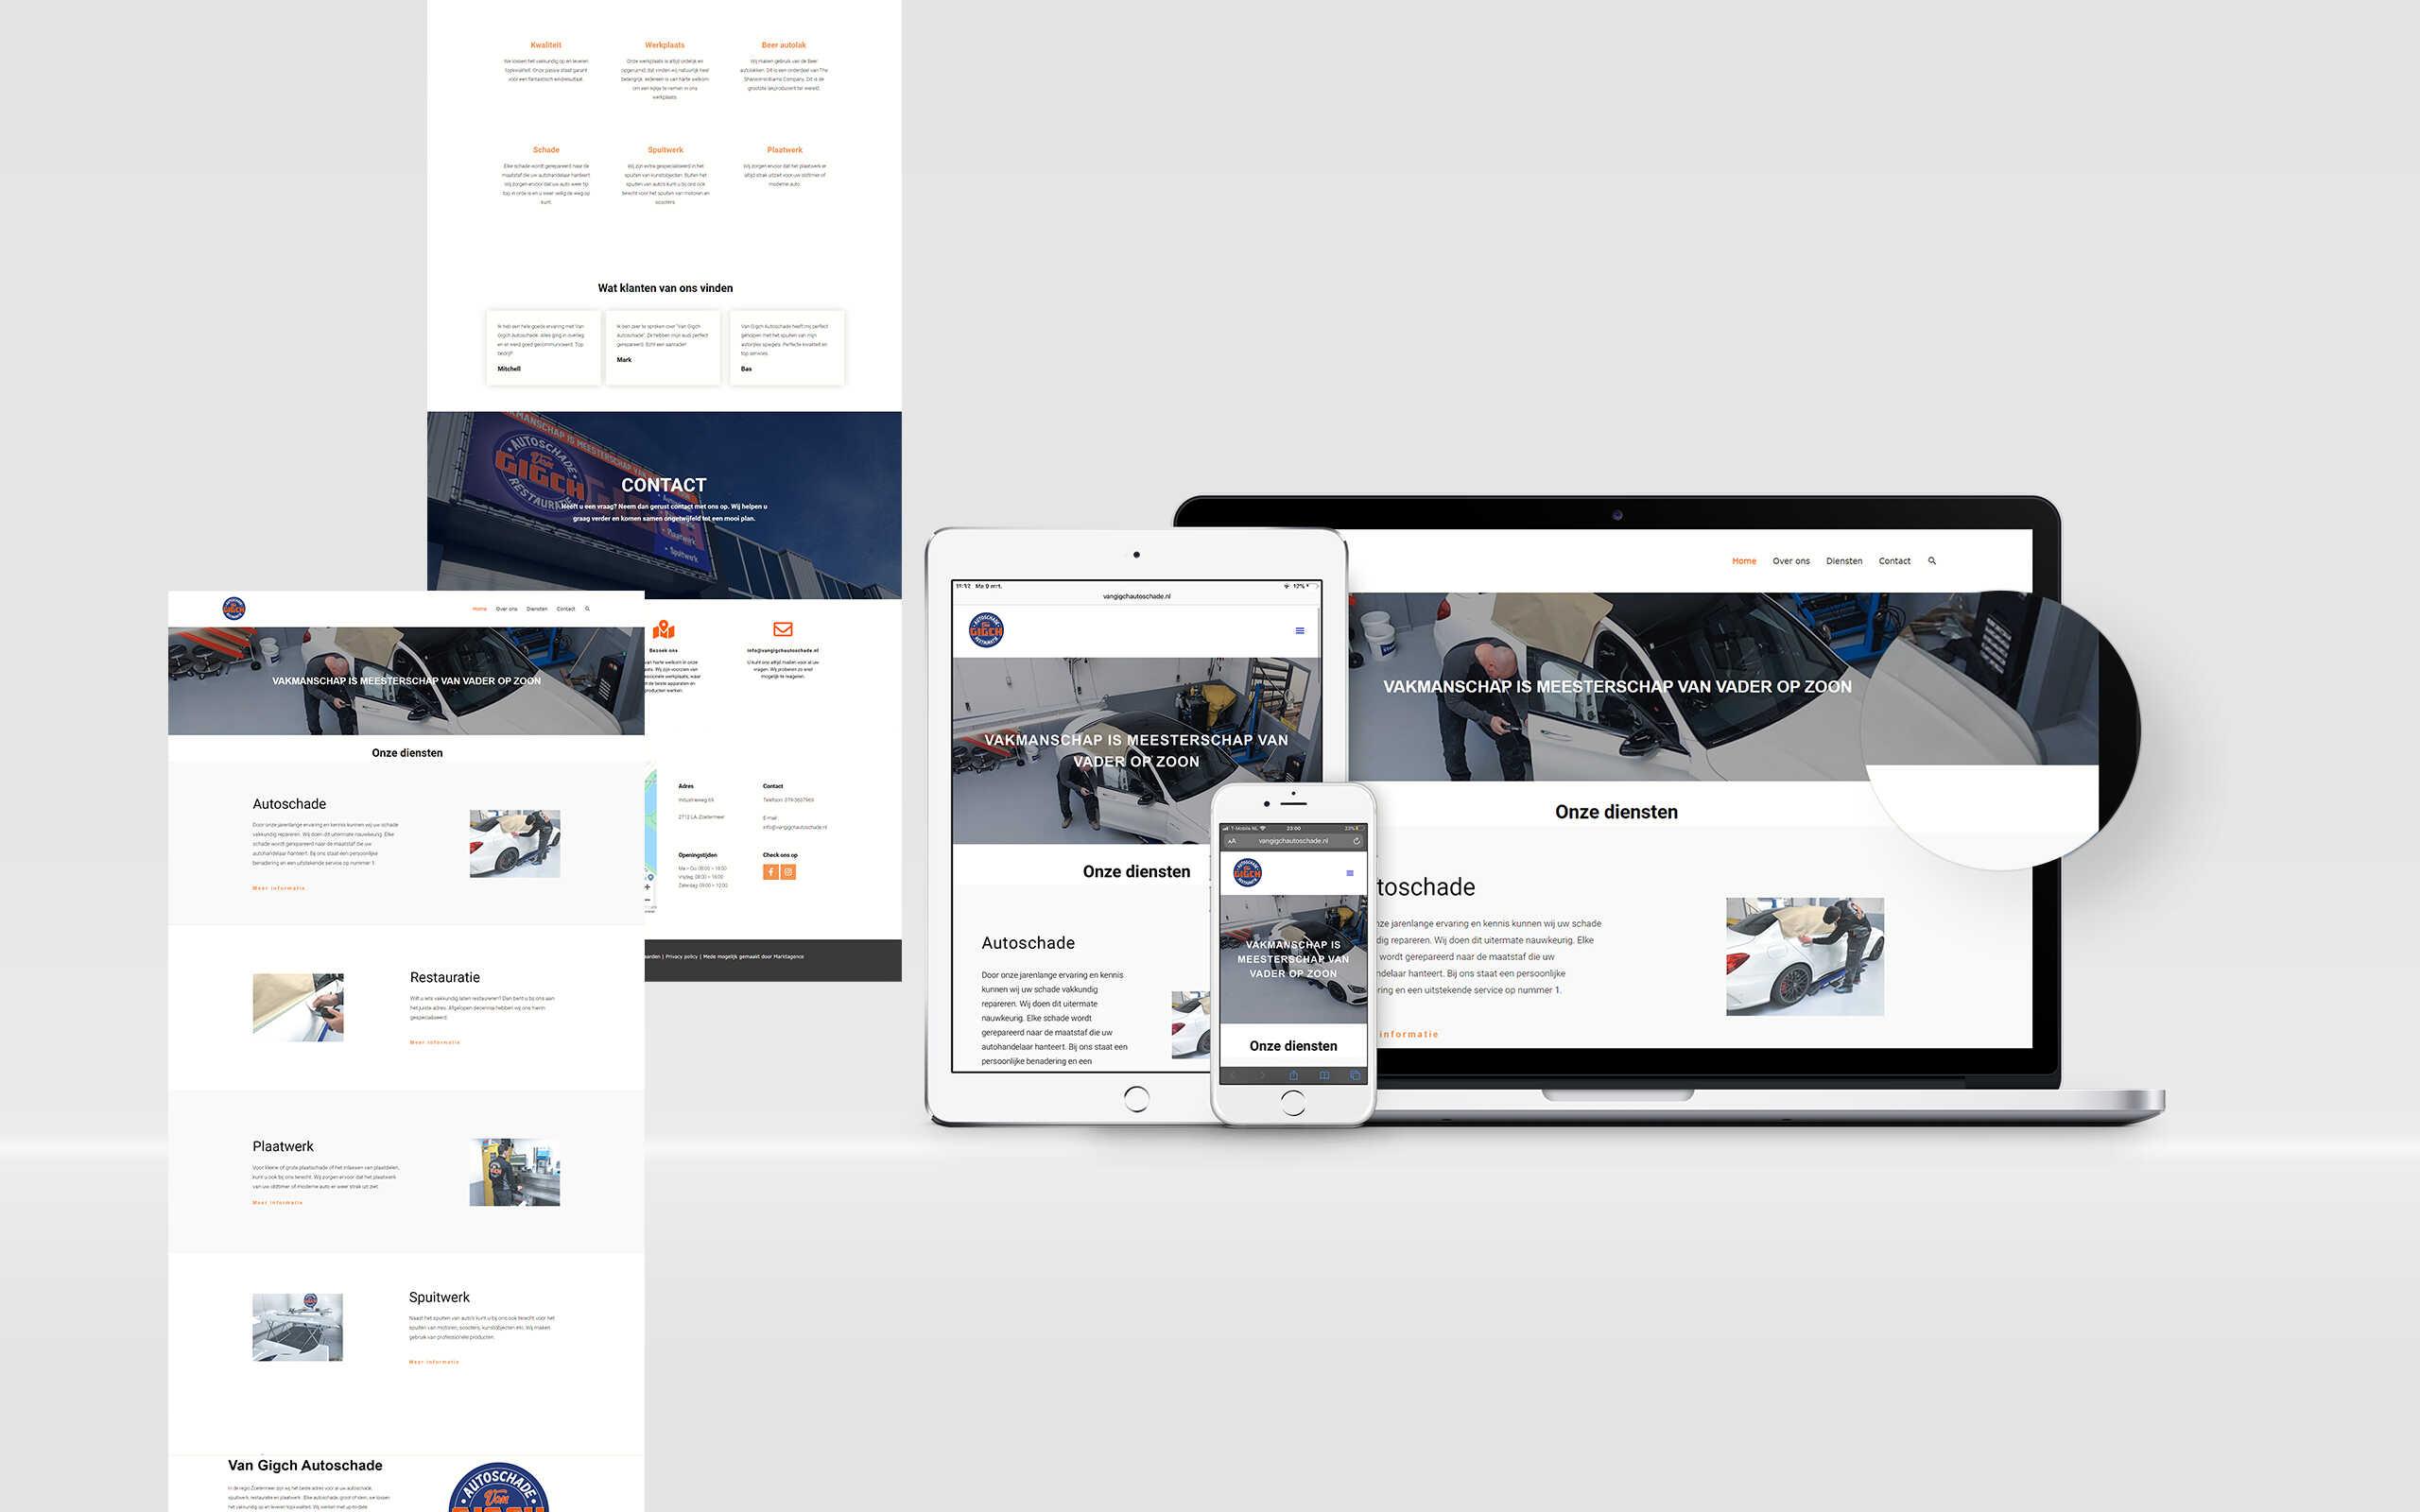 Website laten maken van gigch autoschade